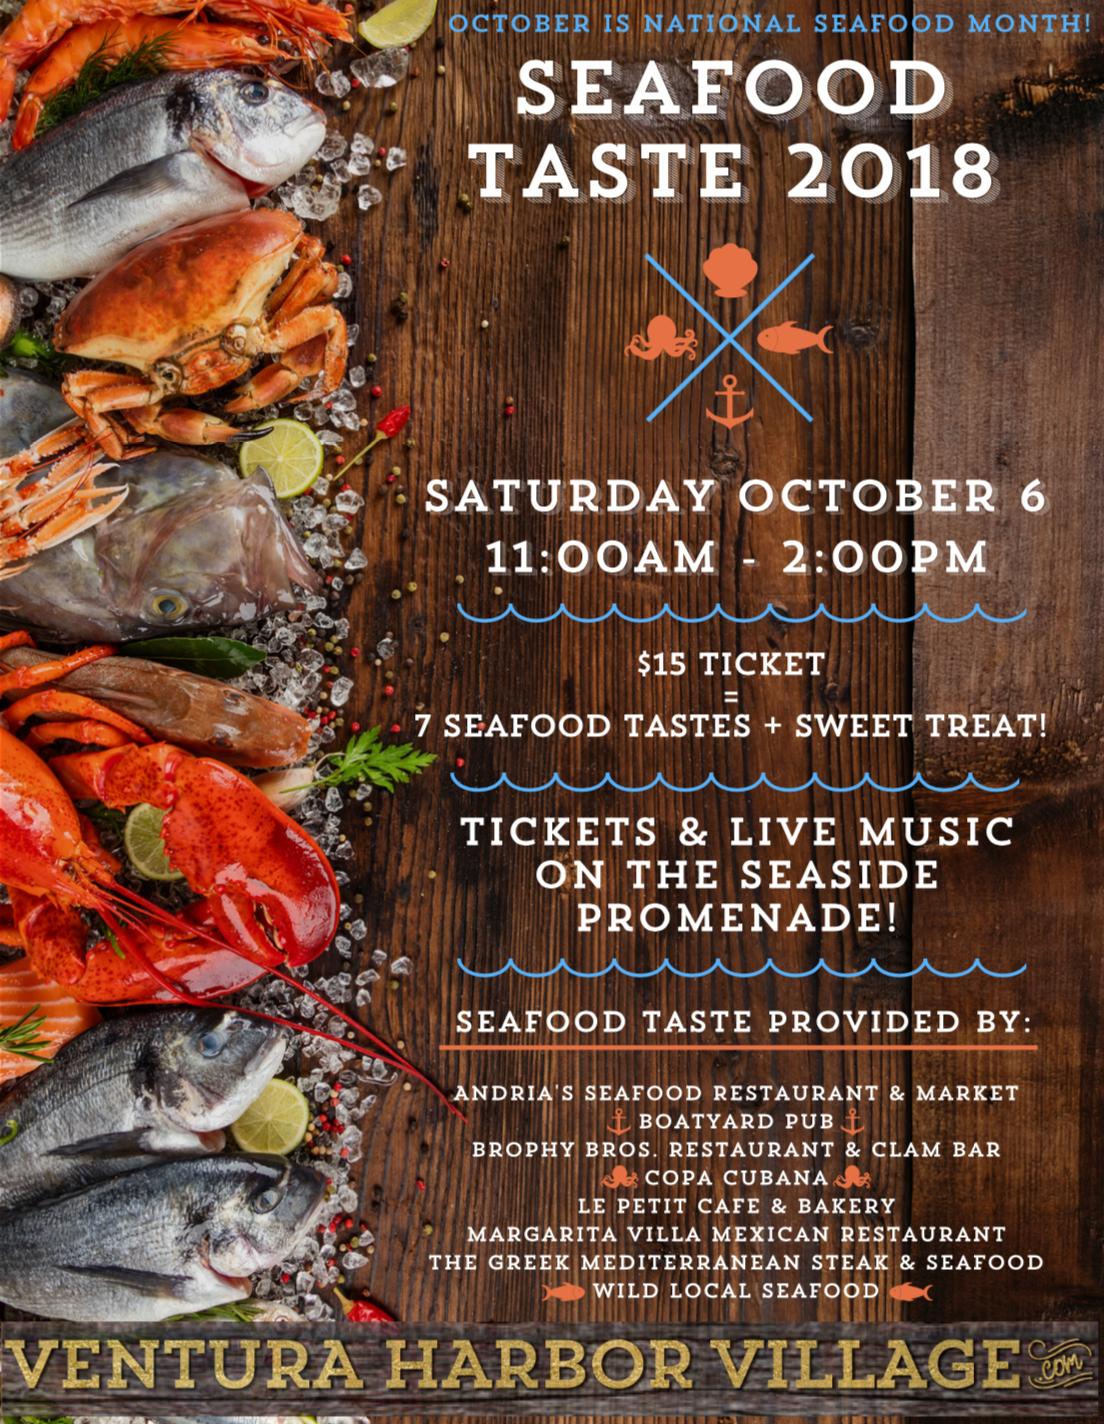 Seafood taste 2018!